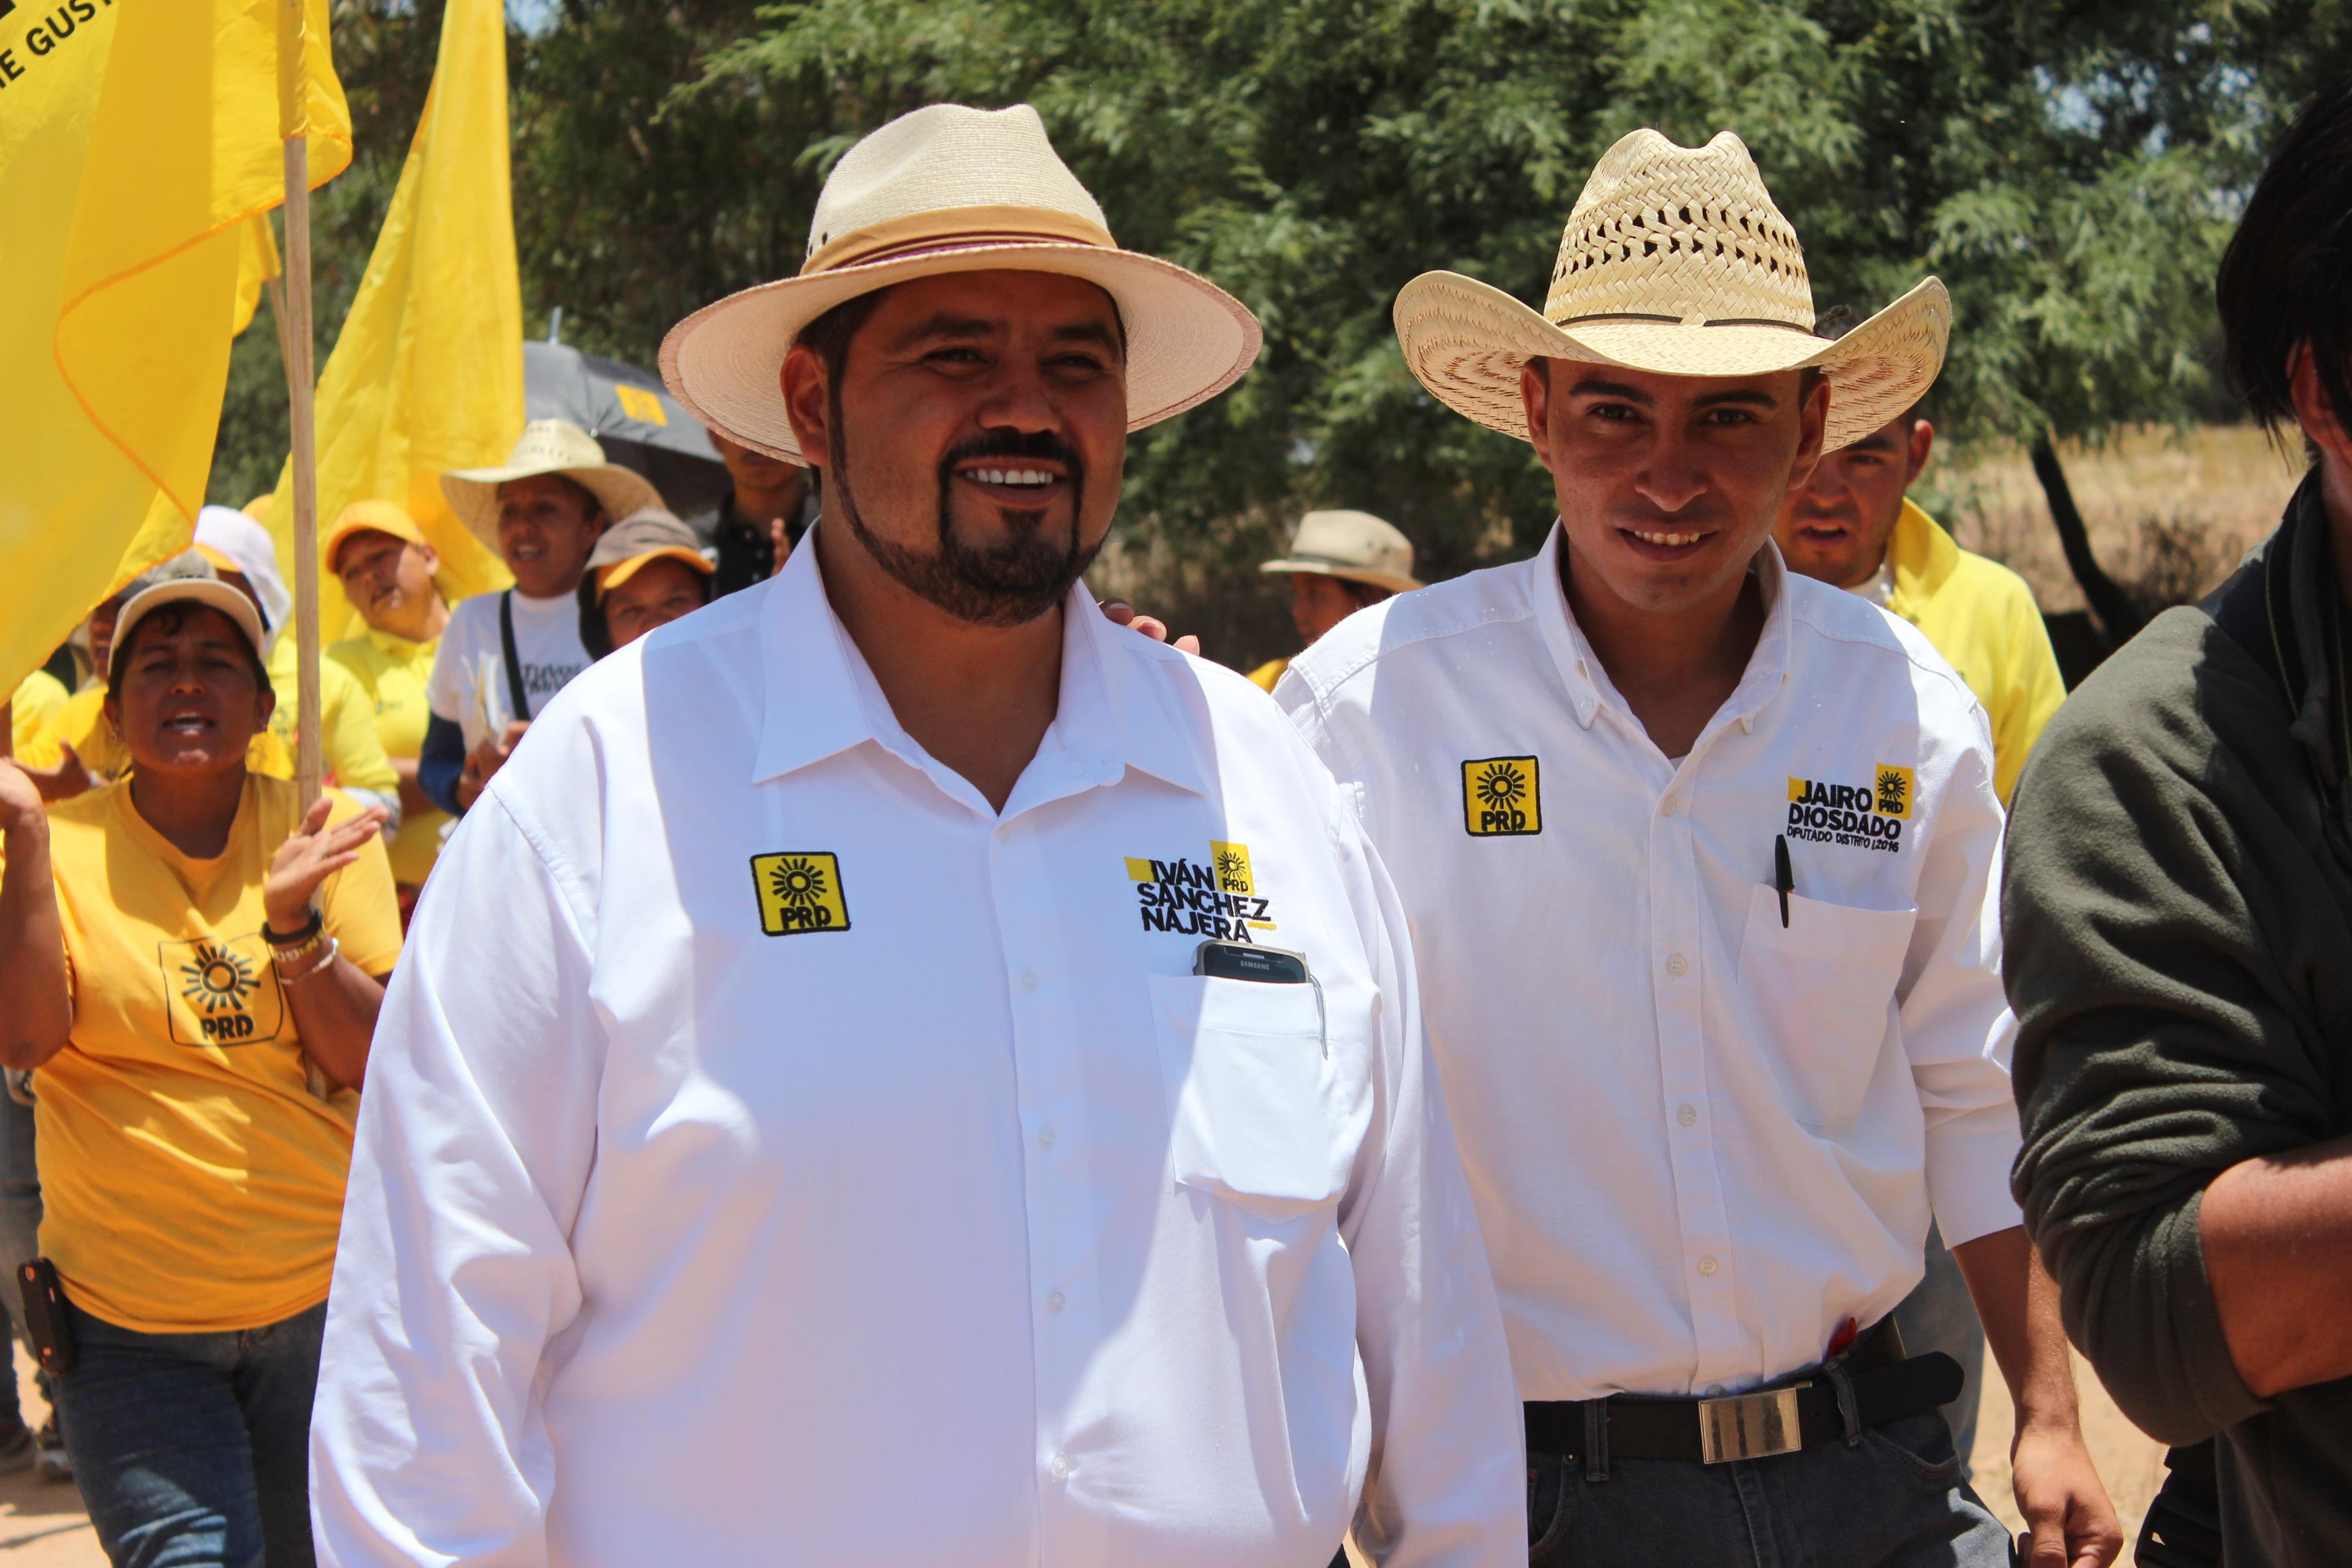 La ciudadanía ganó el debate: Iván Sánchez Najera